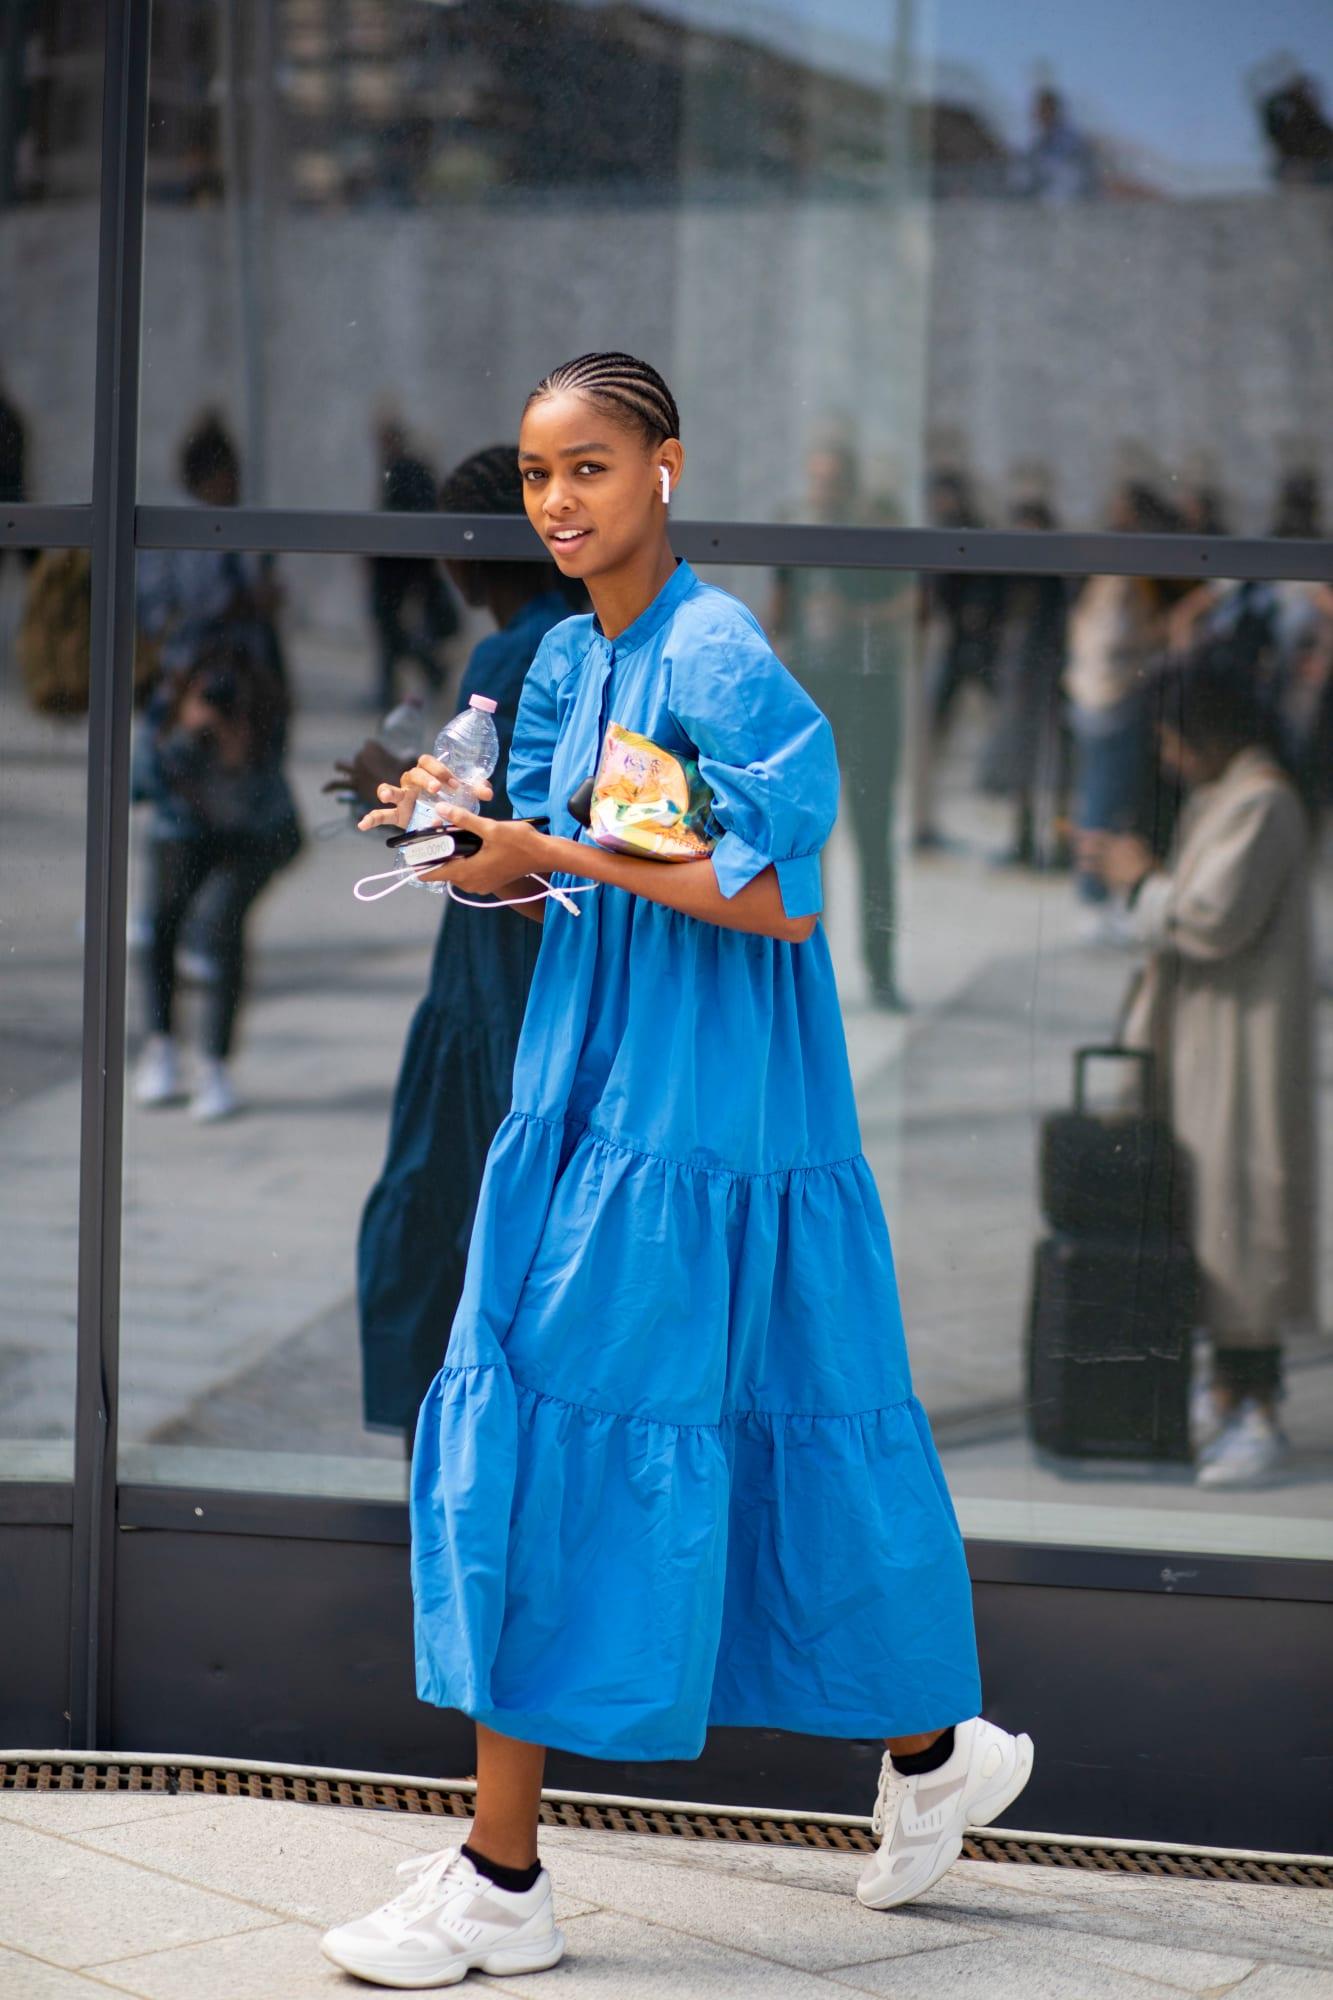 milan-fashion-week-spring-2020-street-style-day-3-20